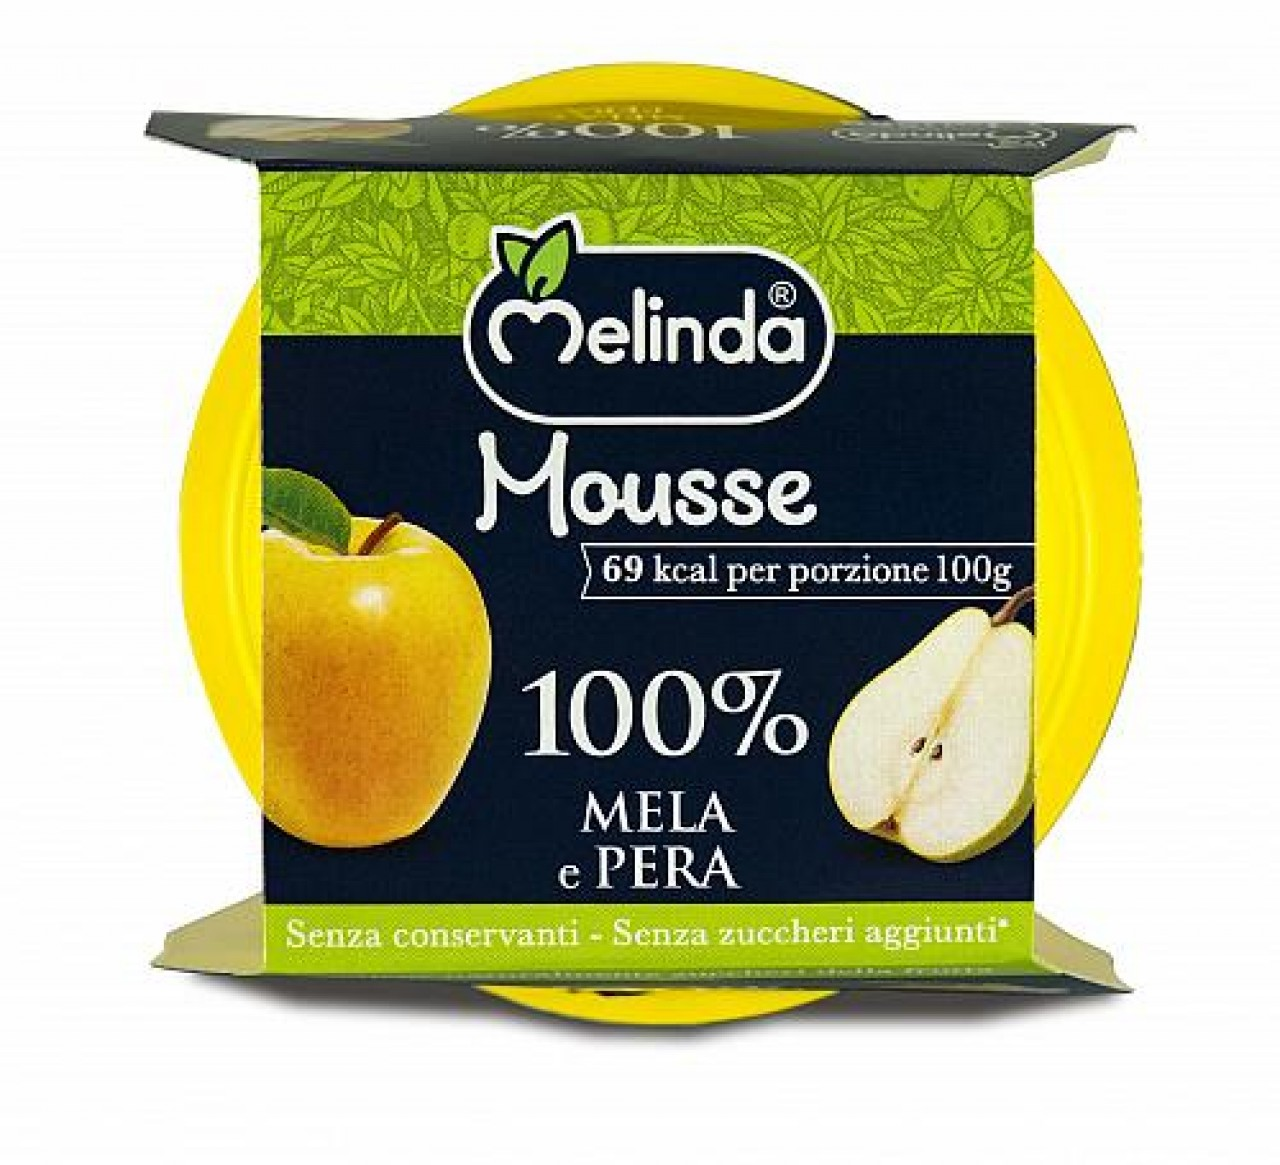 MELINDA MOUSSE MELE/PERE GR100